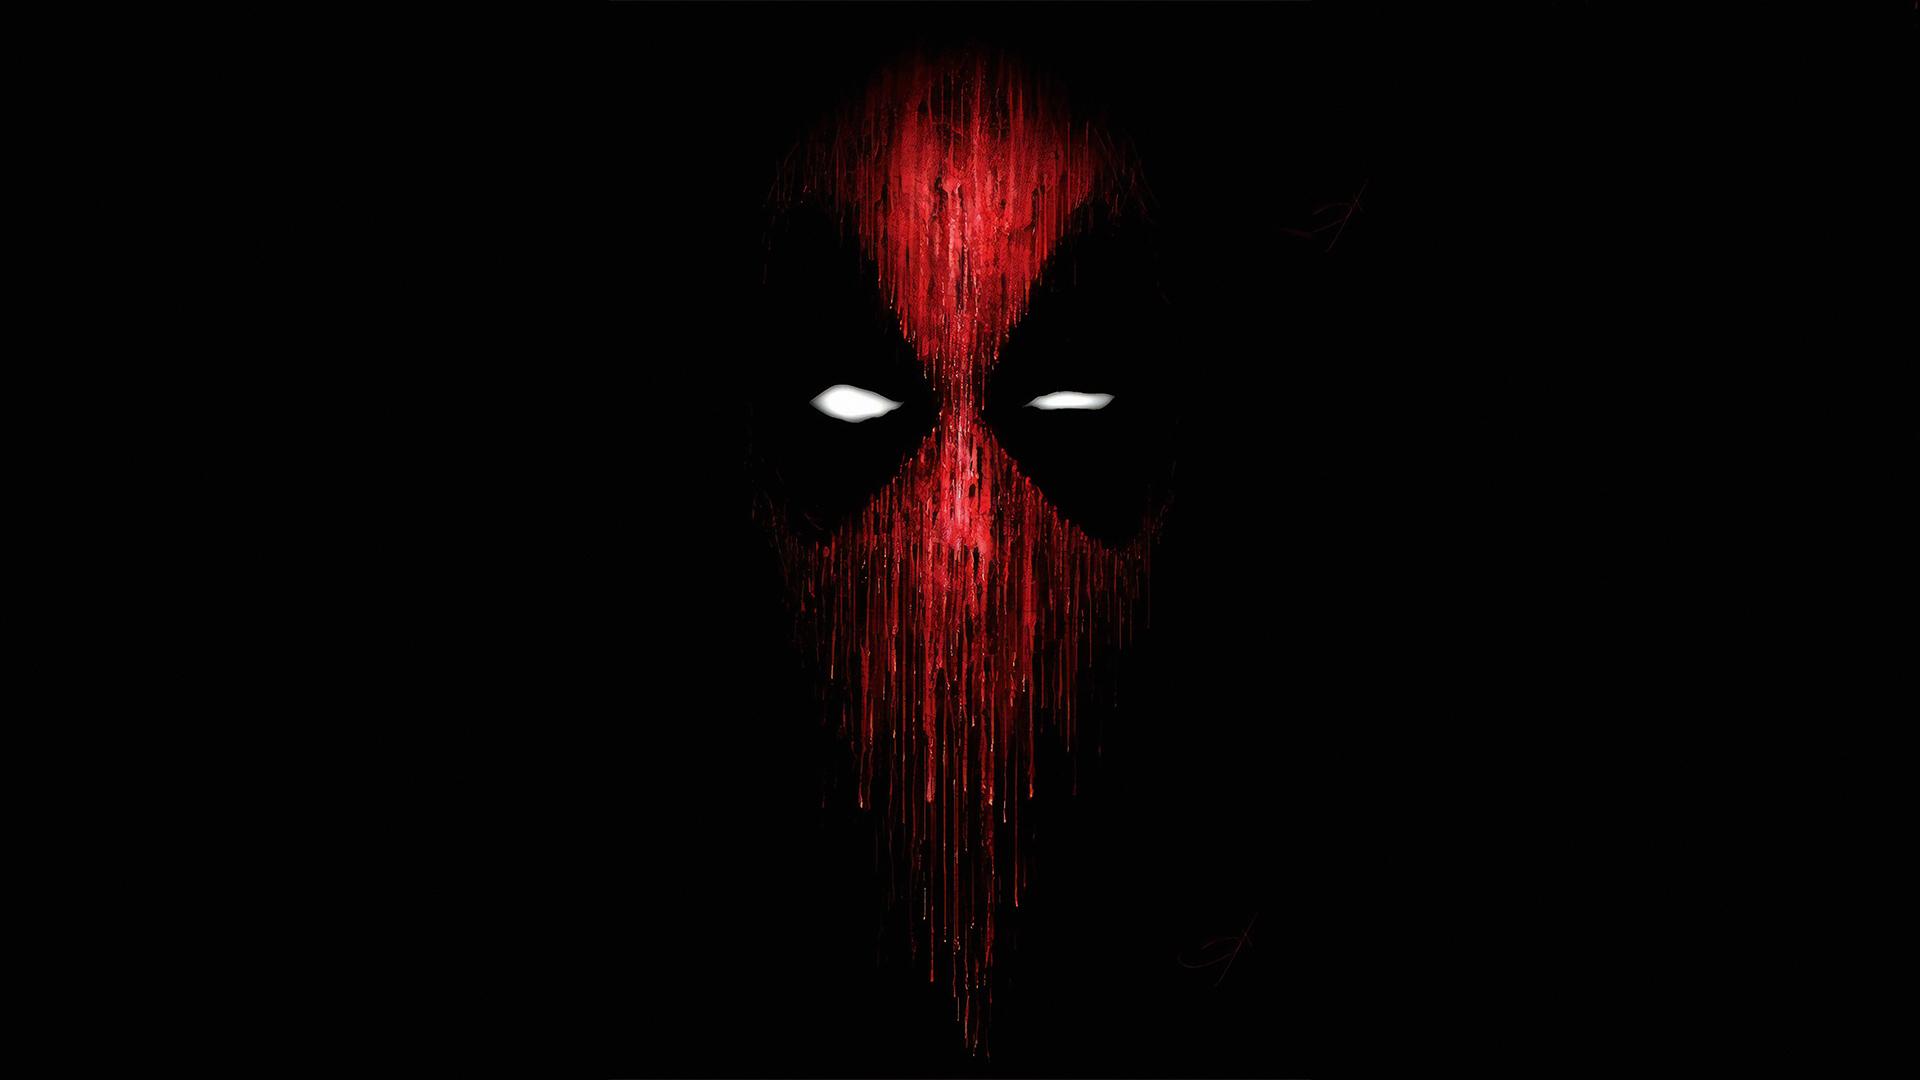 Deadpool Mask Minimalist Wallpaper Hd Minimalist 4k